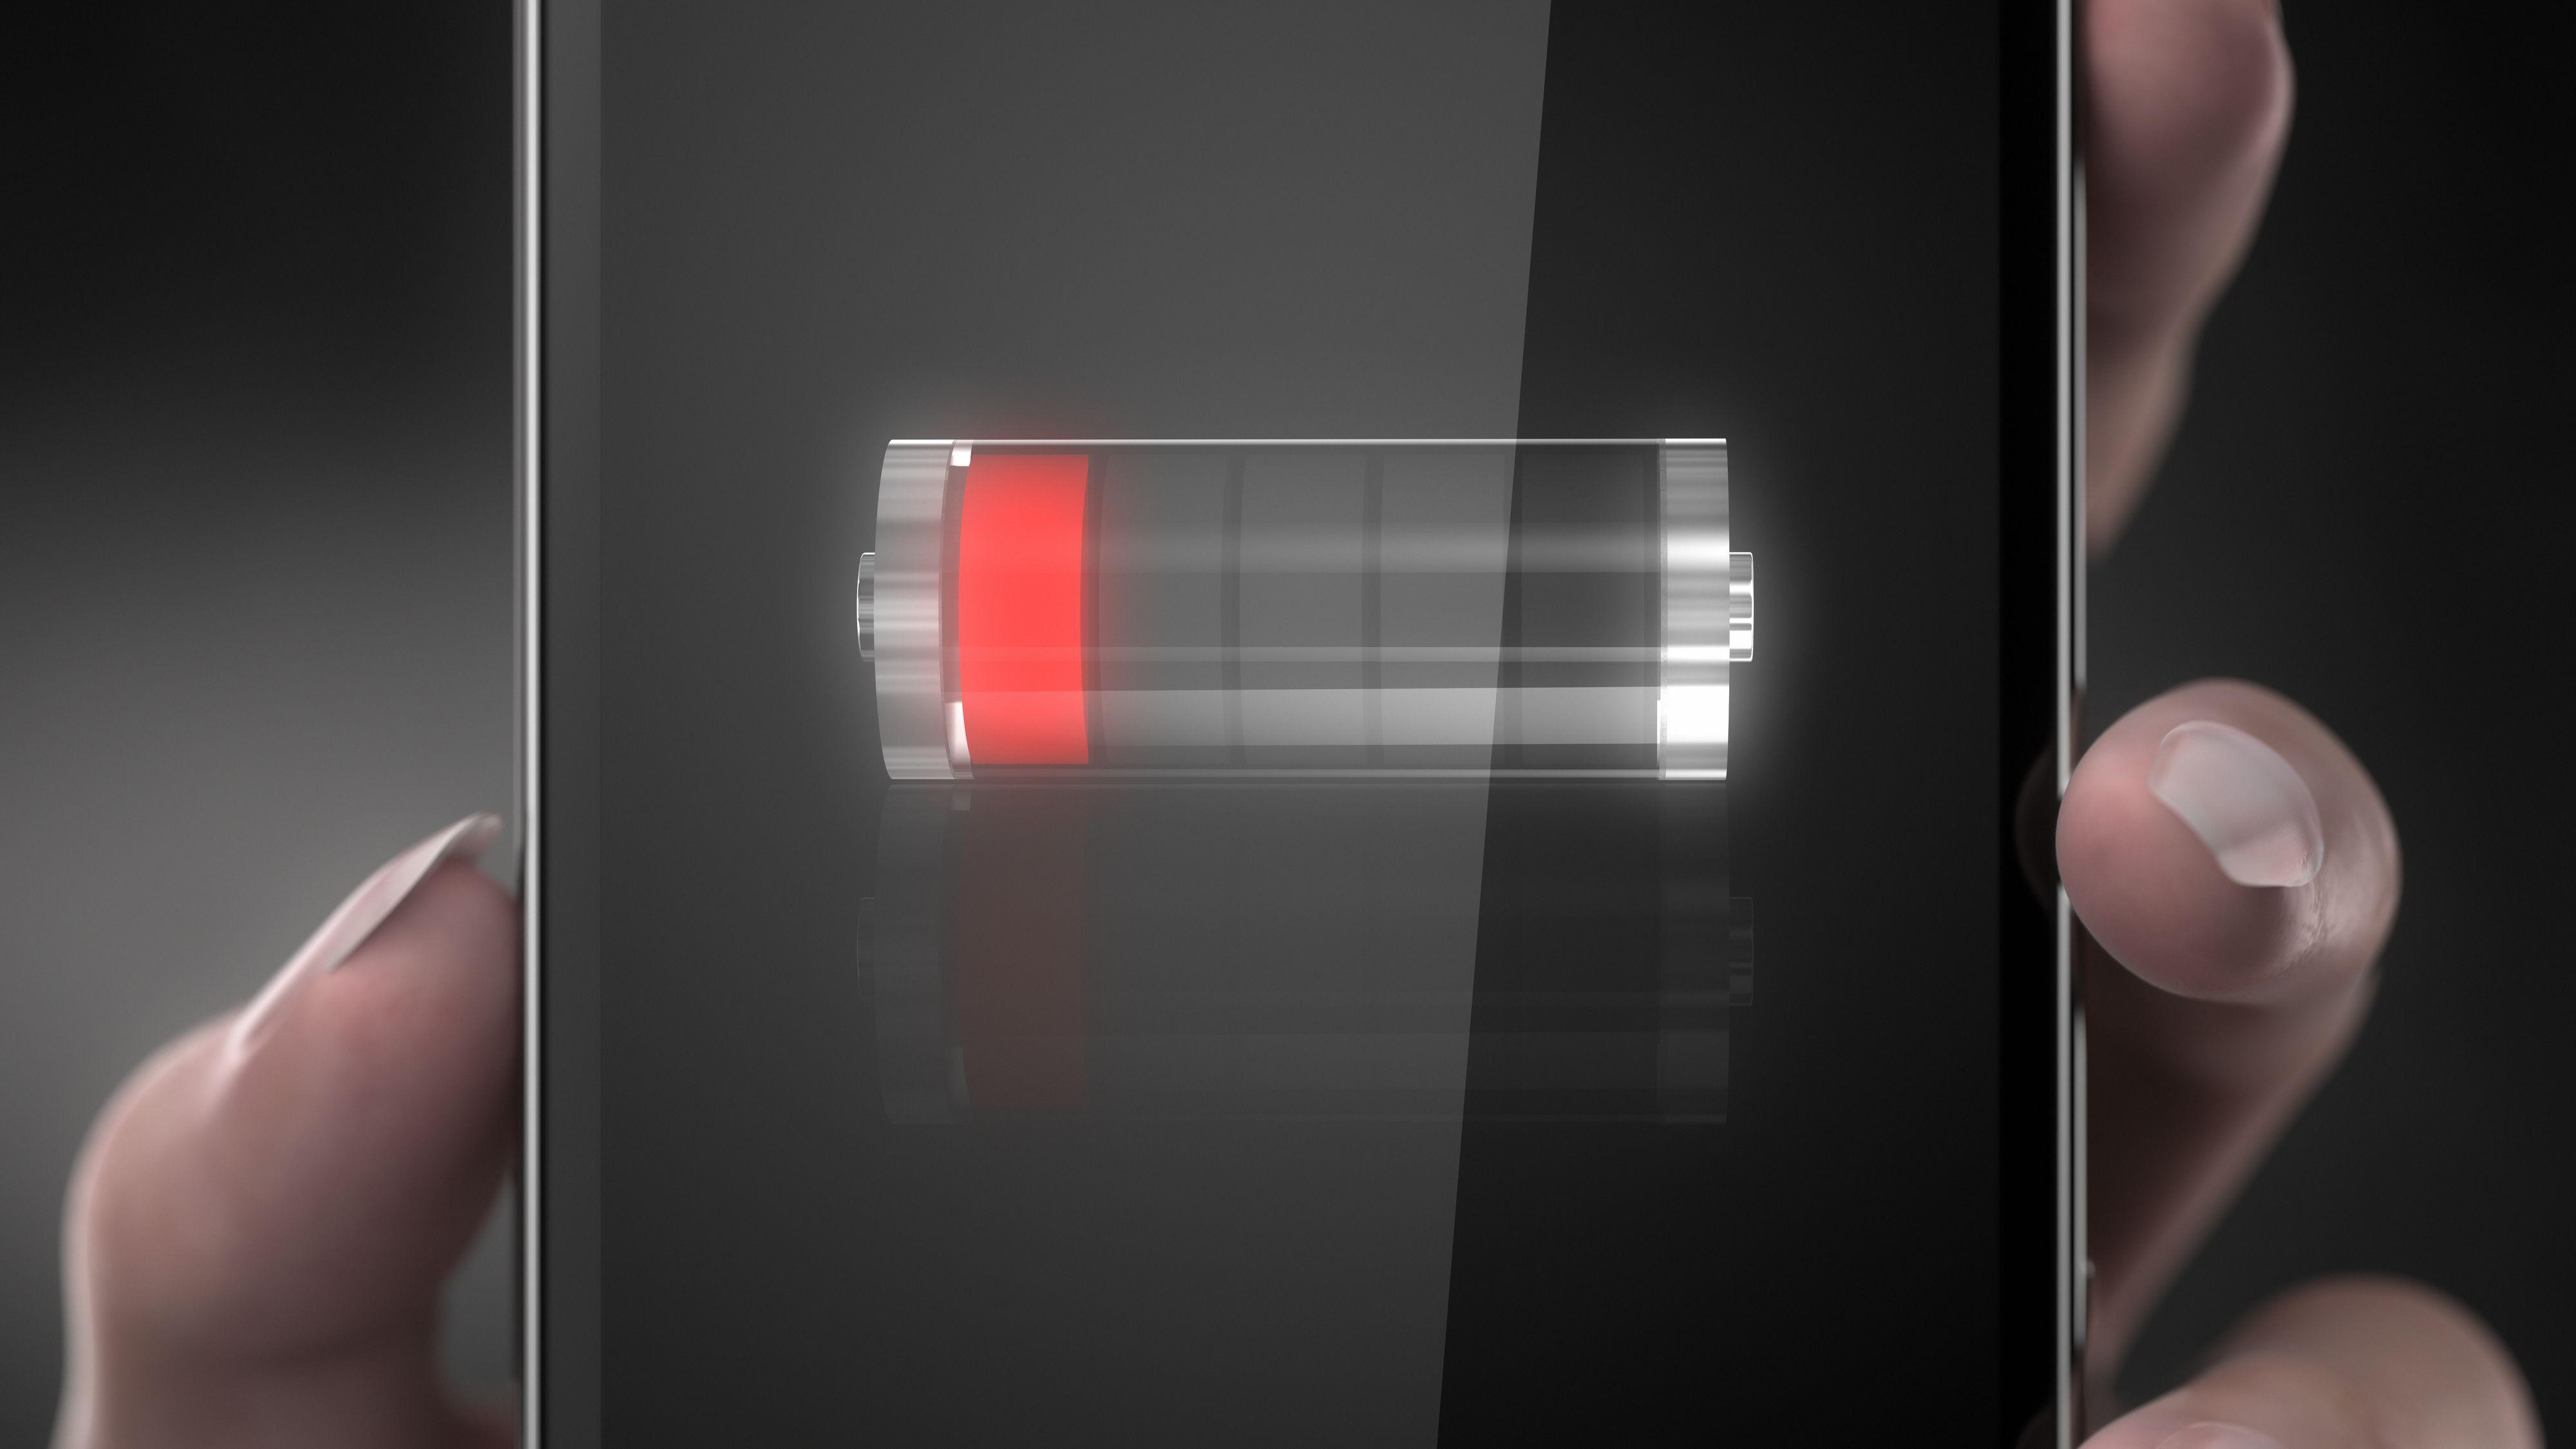 Flatt batteri er noe de fleste av oss opplever hele tiden, og ekstremt hurtig lading er definitivt velkomment.